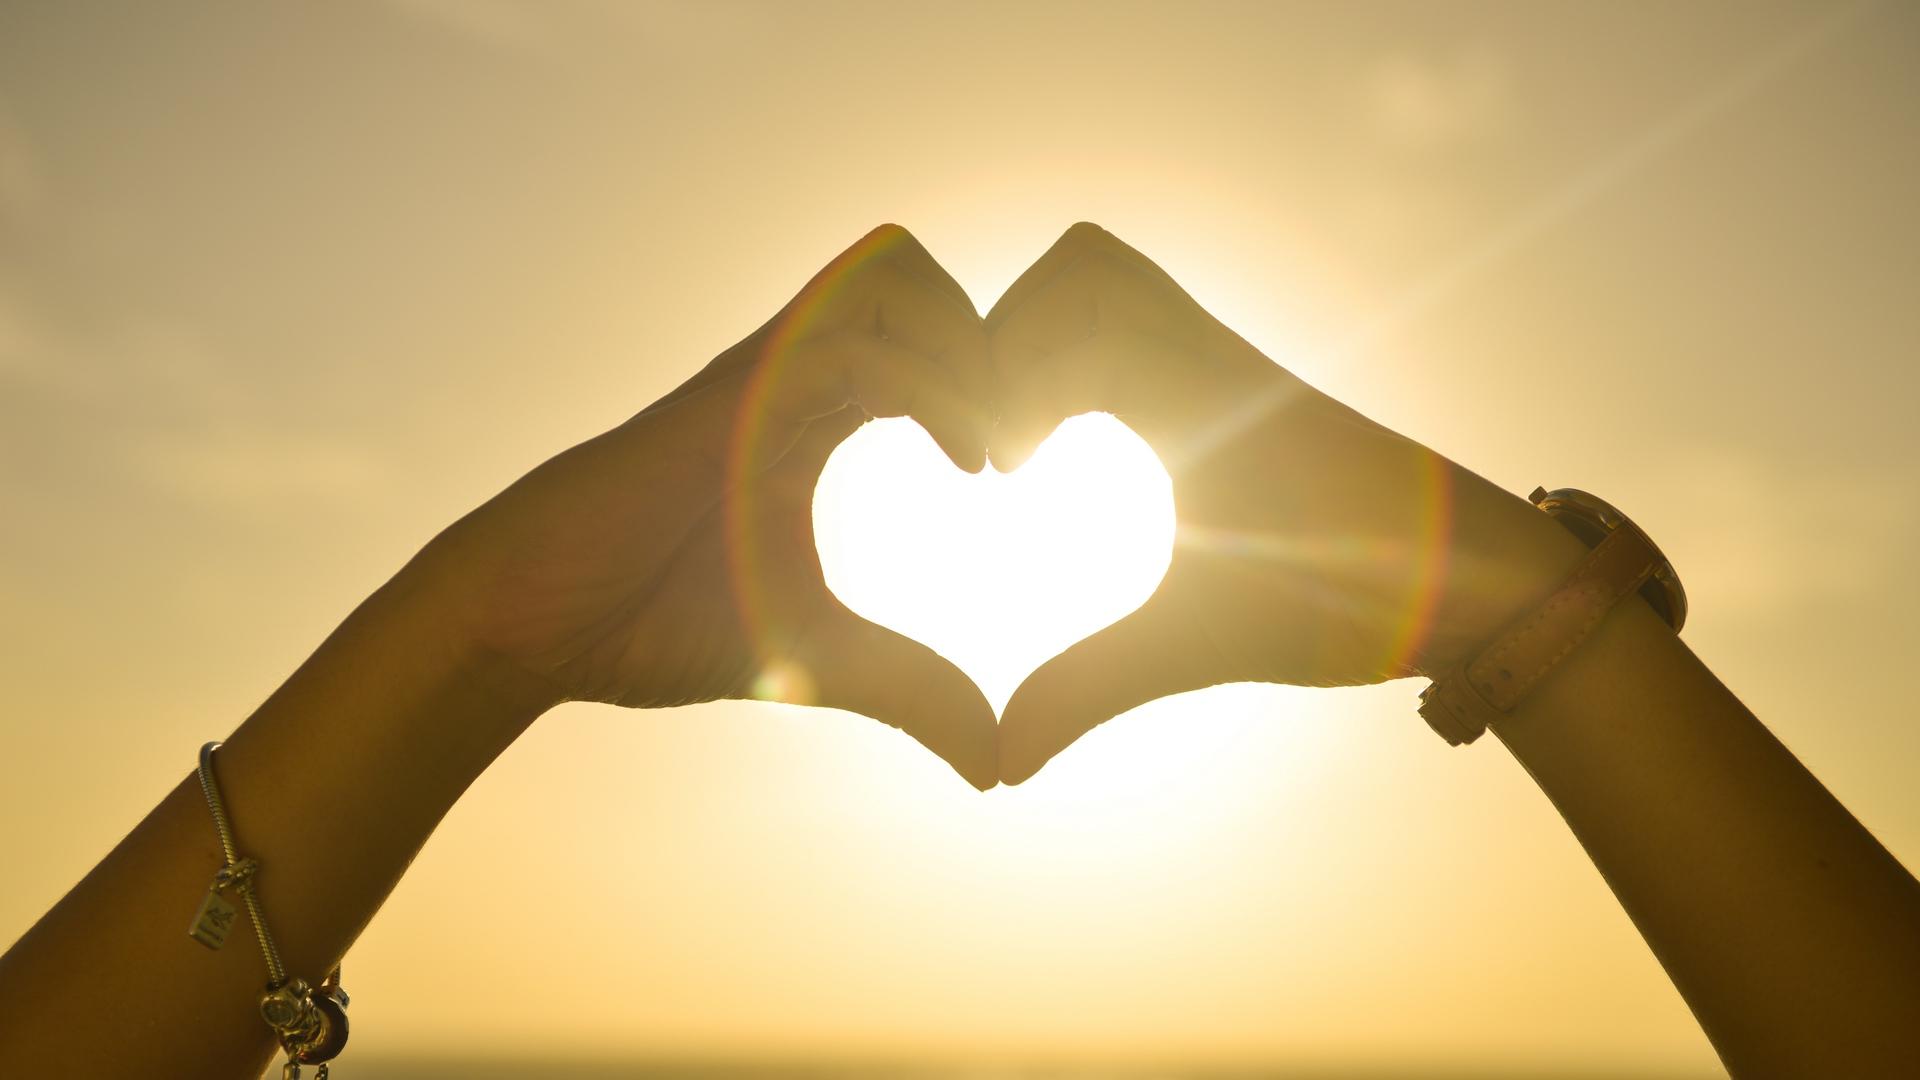 Удивительные и милые картинки про Любовь на рабочий стол №6 11